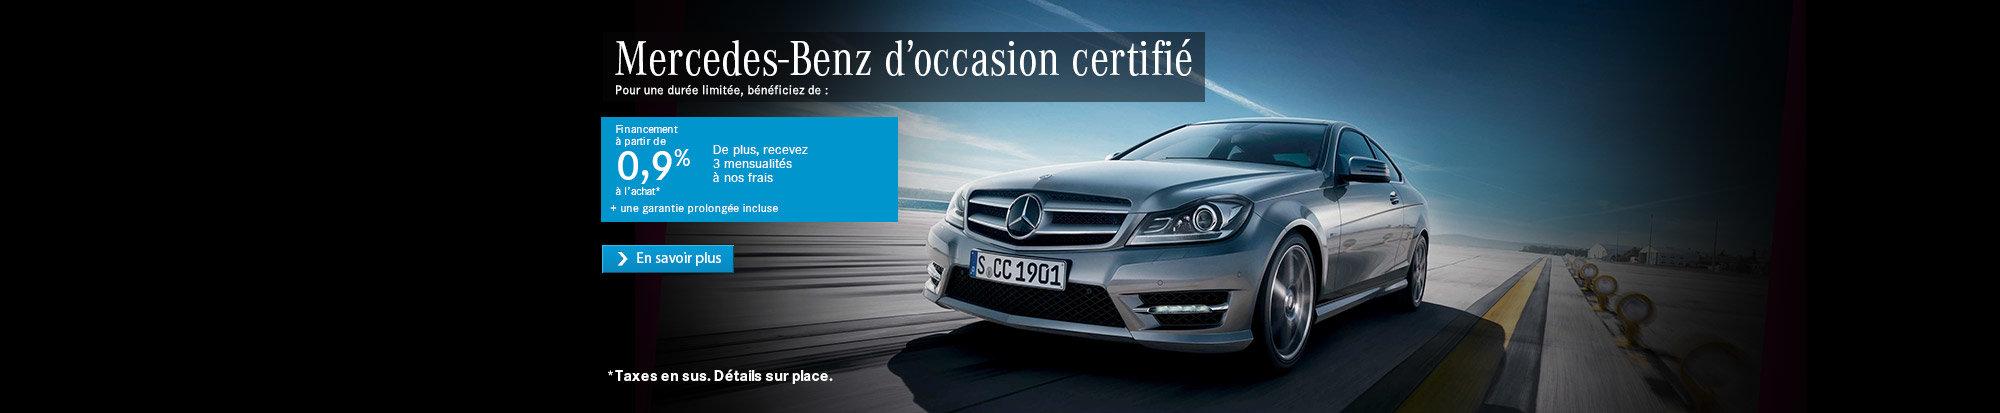 Mercedes-Benz d'occasion certifié web